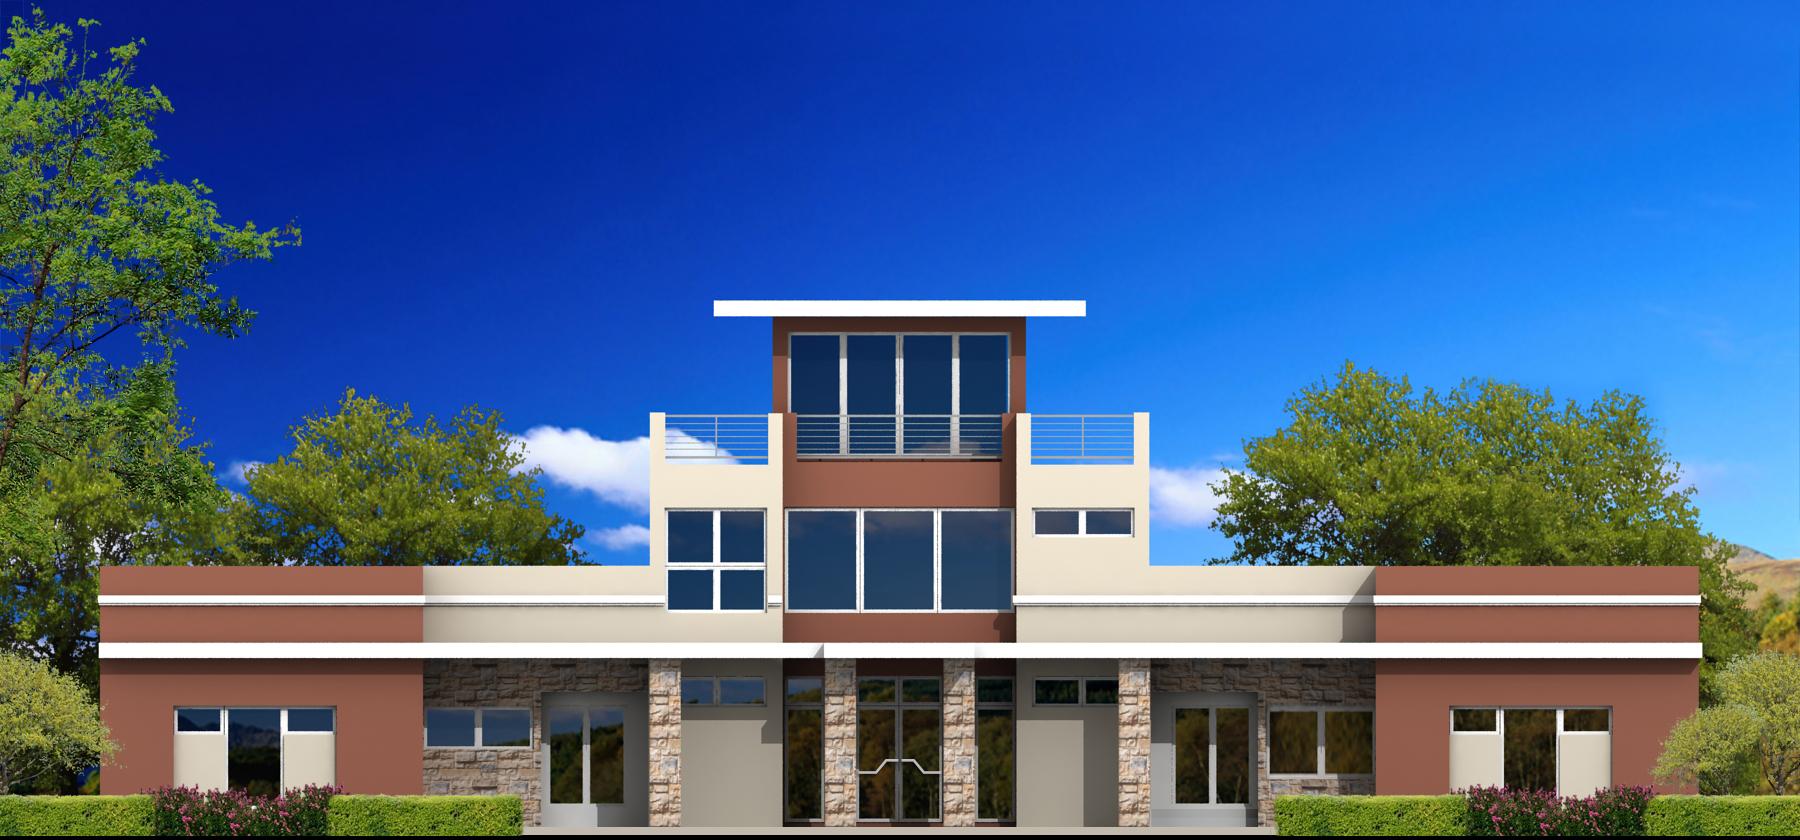 Carpenter_colored_facade.jpg